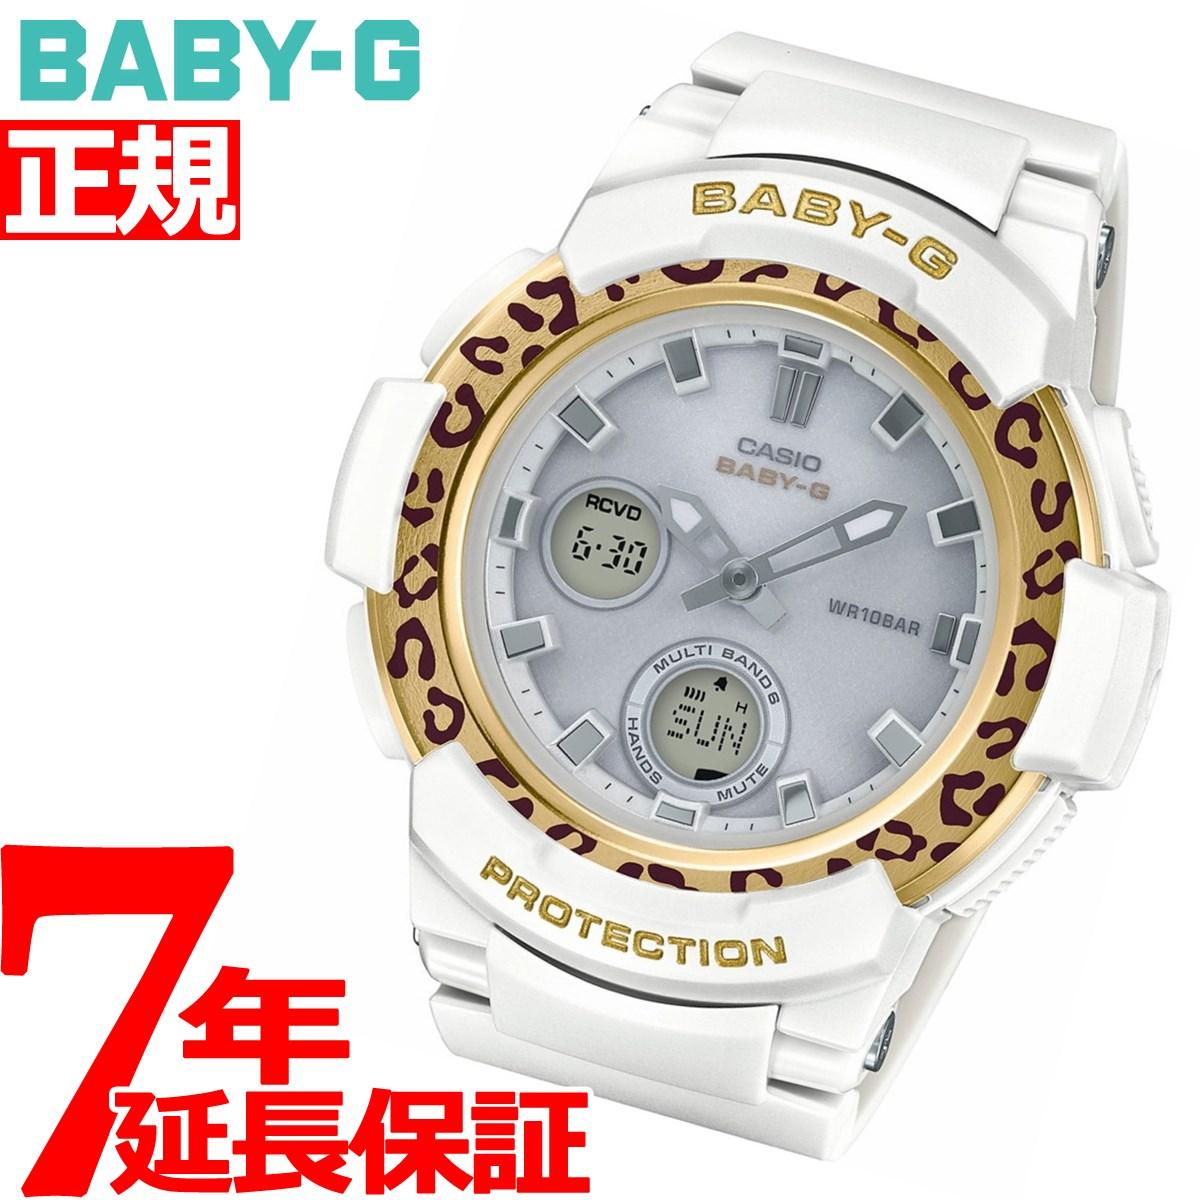 カシオ ベビーG CASIO BABY-G Leopard Pattern Series 電波 ソーラー 電波時計 腕時計 レディース BGA-2100LP-7AJF